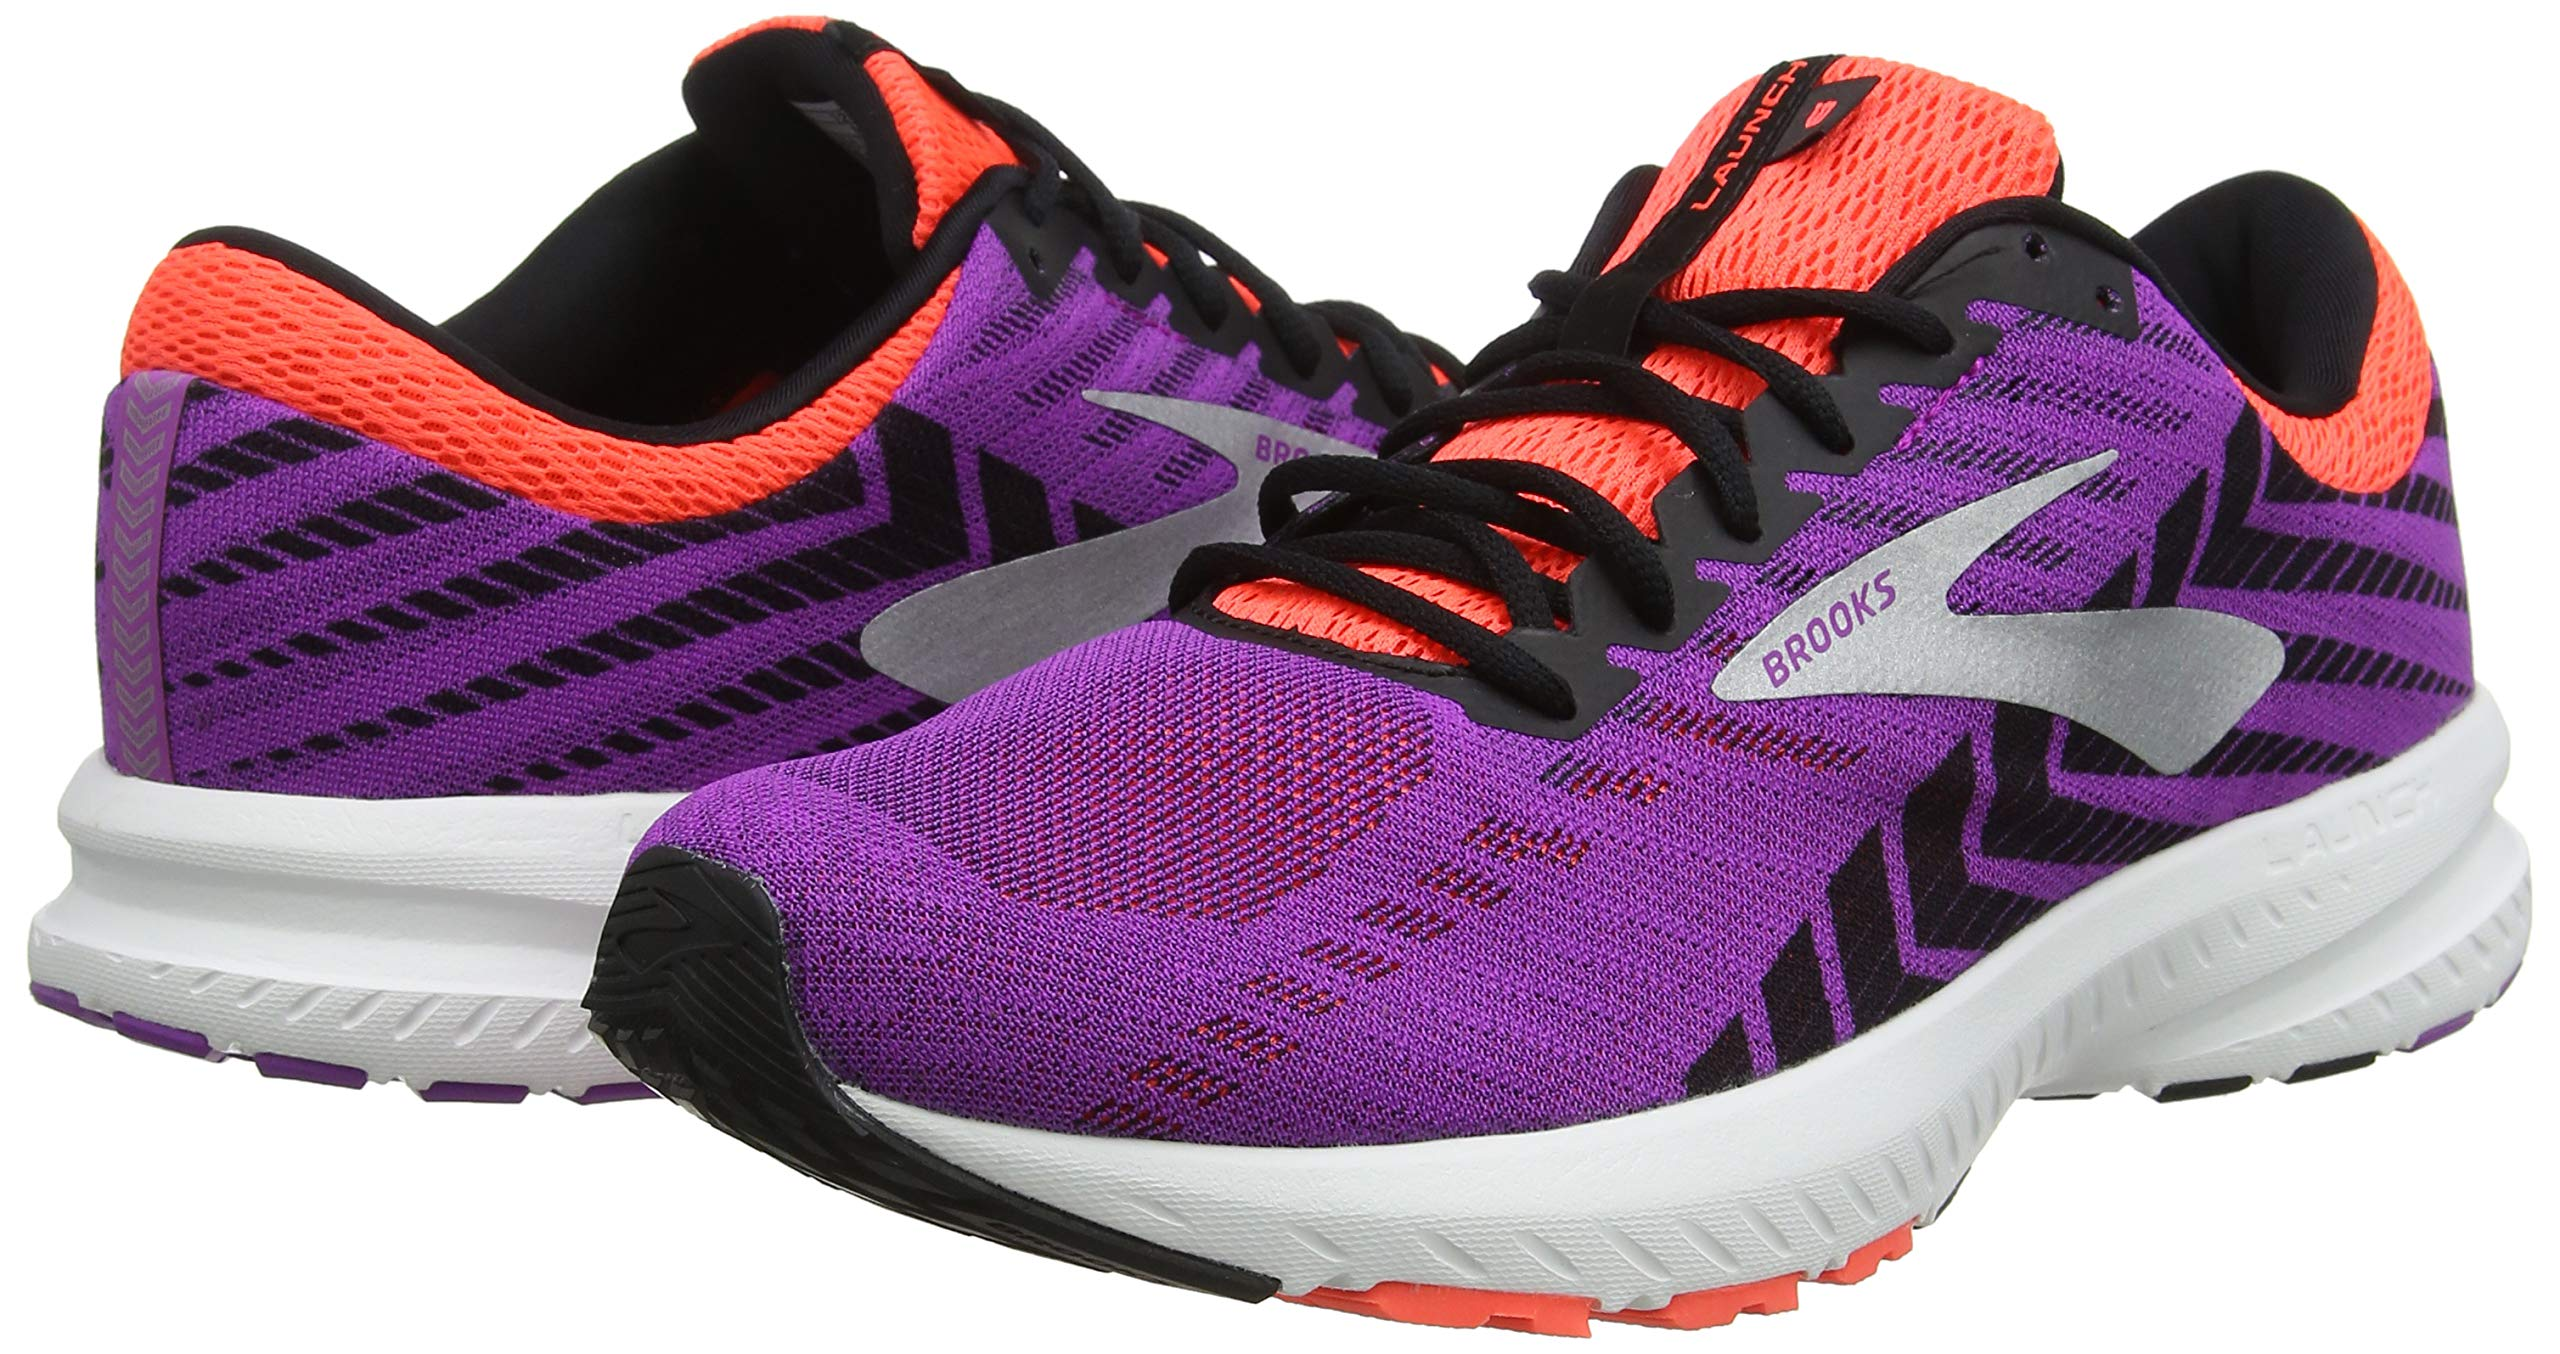 81ekxoEFsnL - Brooks Women's Launch 6 Running Shoes